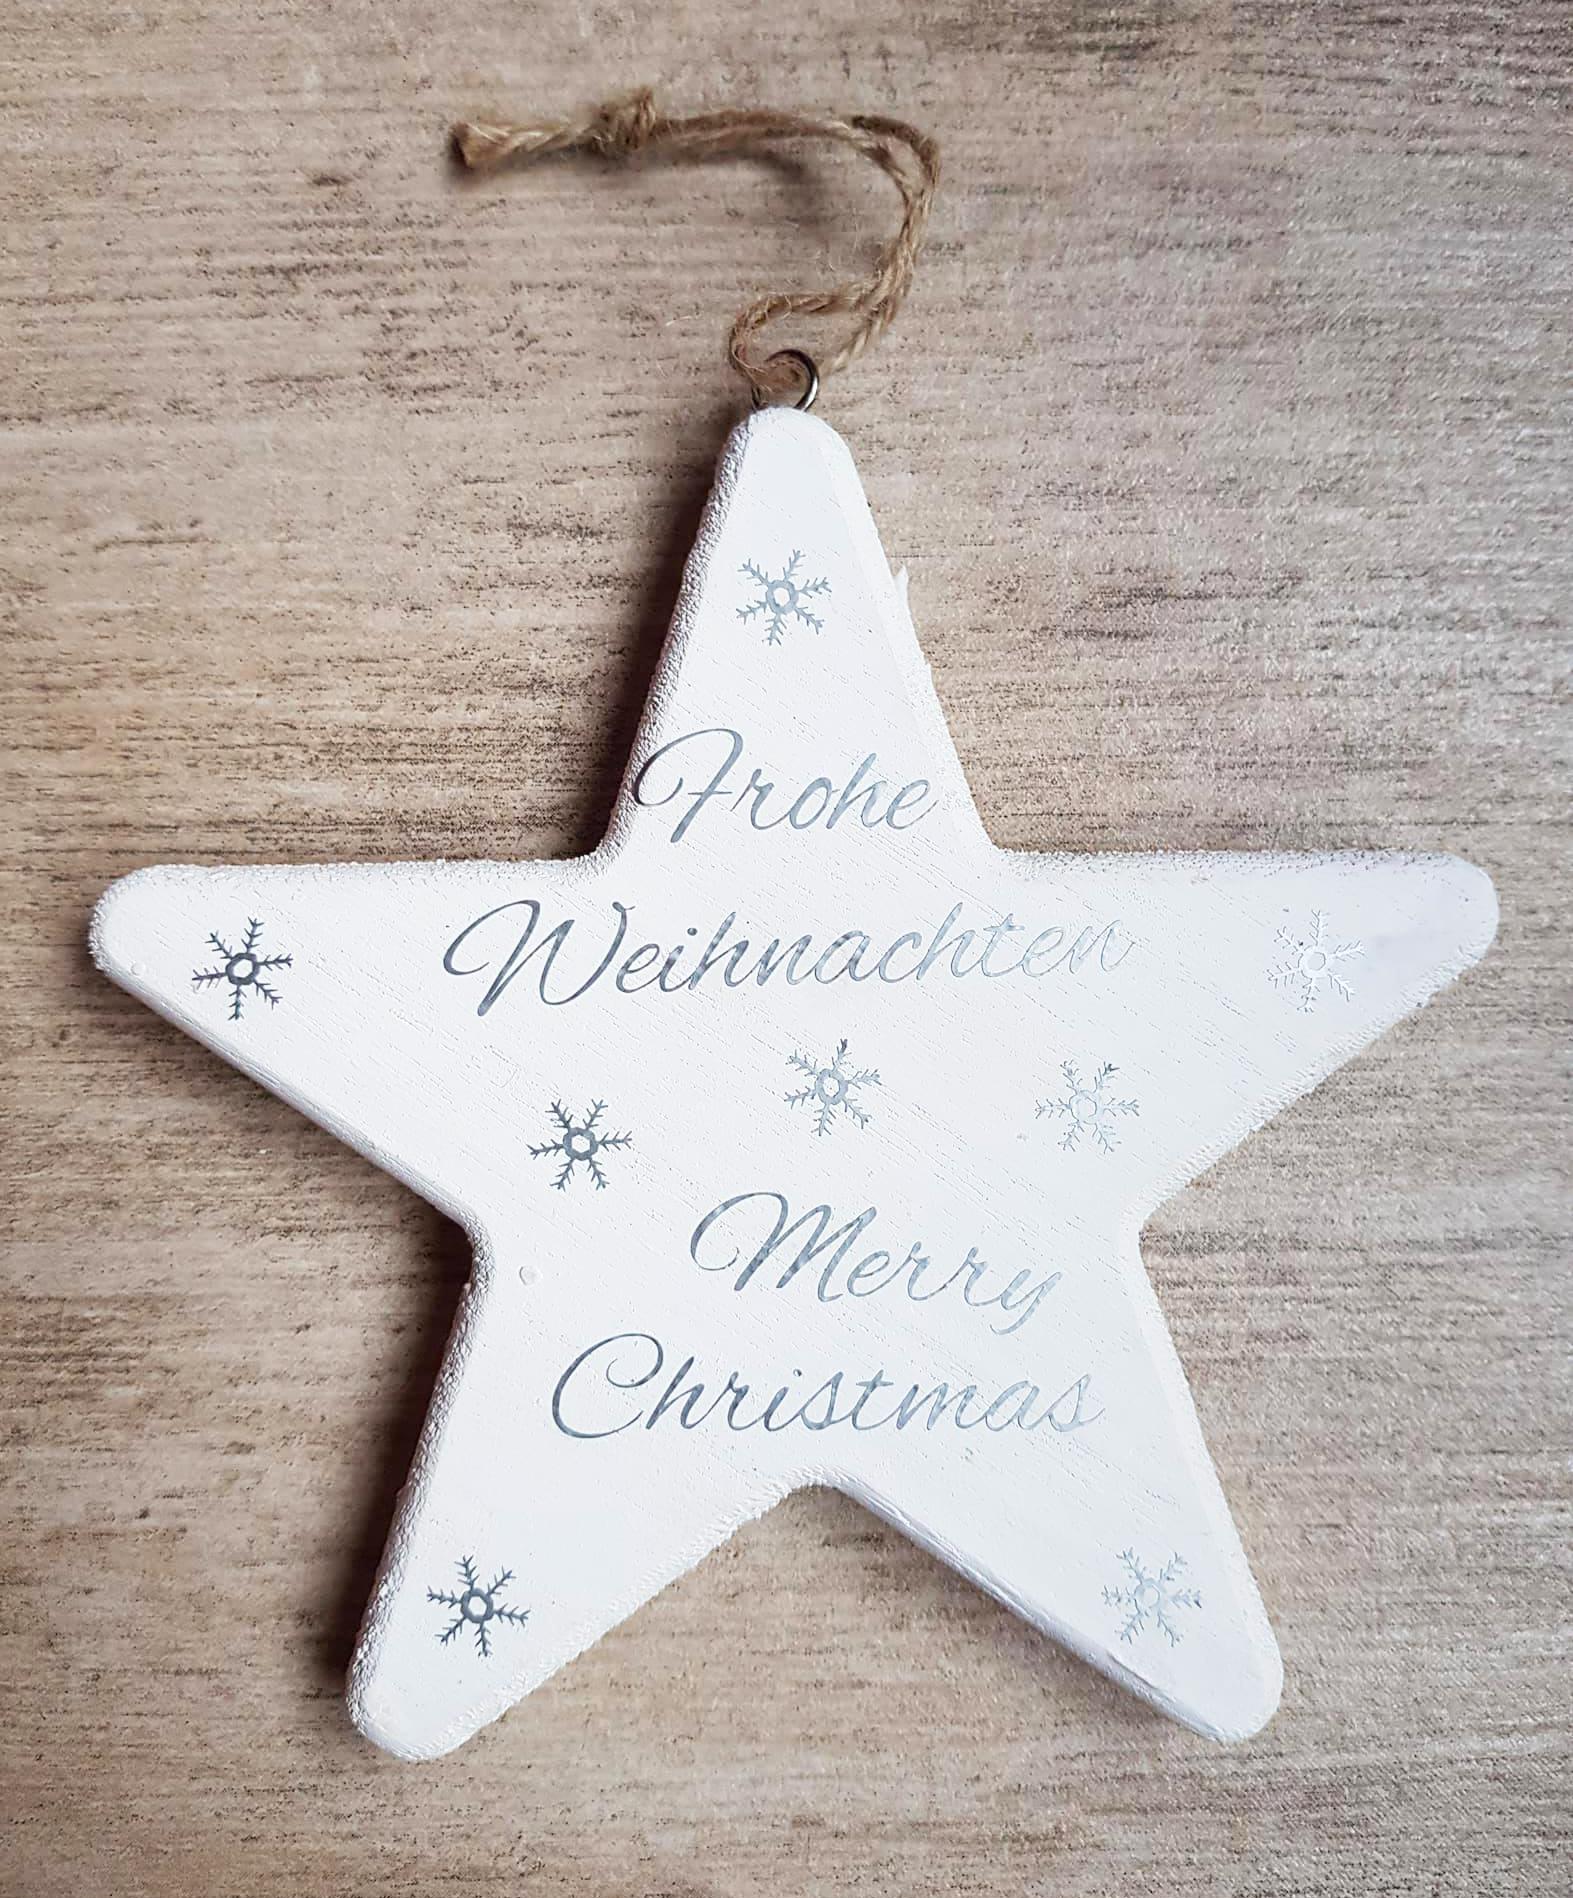 Weihnachtsdeko stern silber - Weihnachtsdeko silber ...